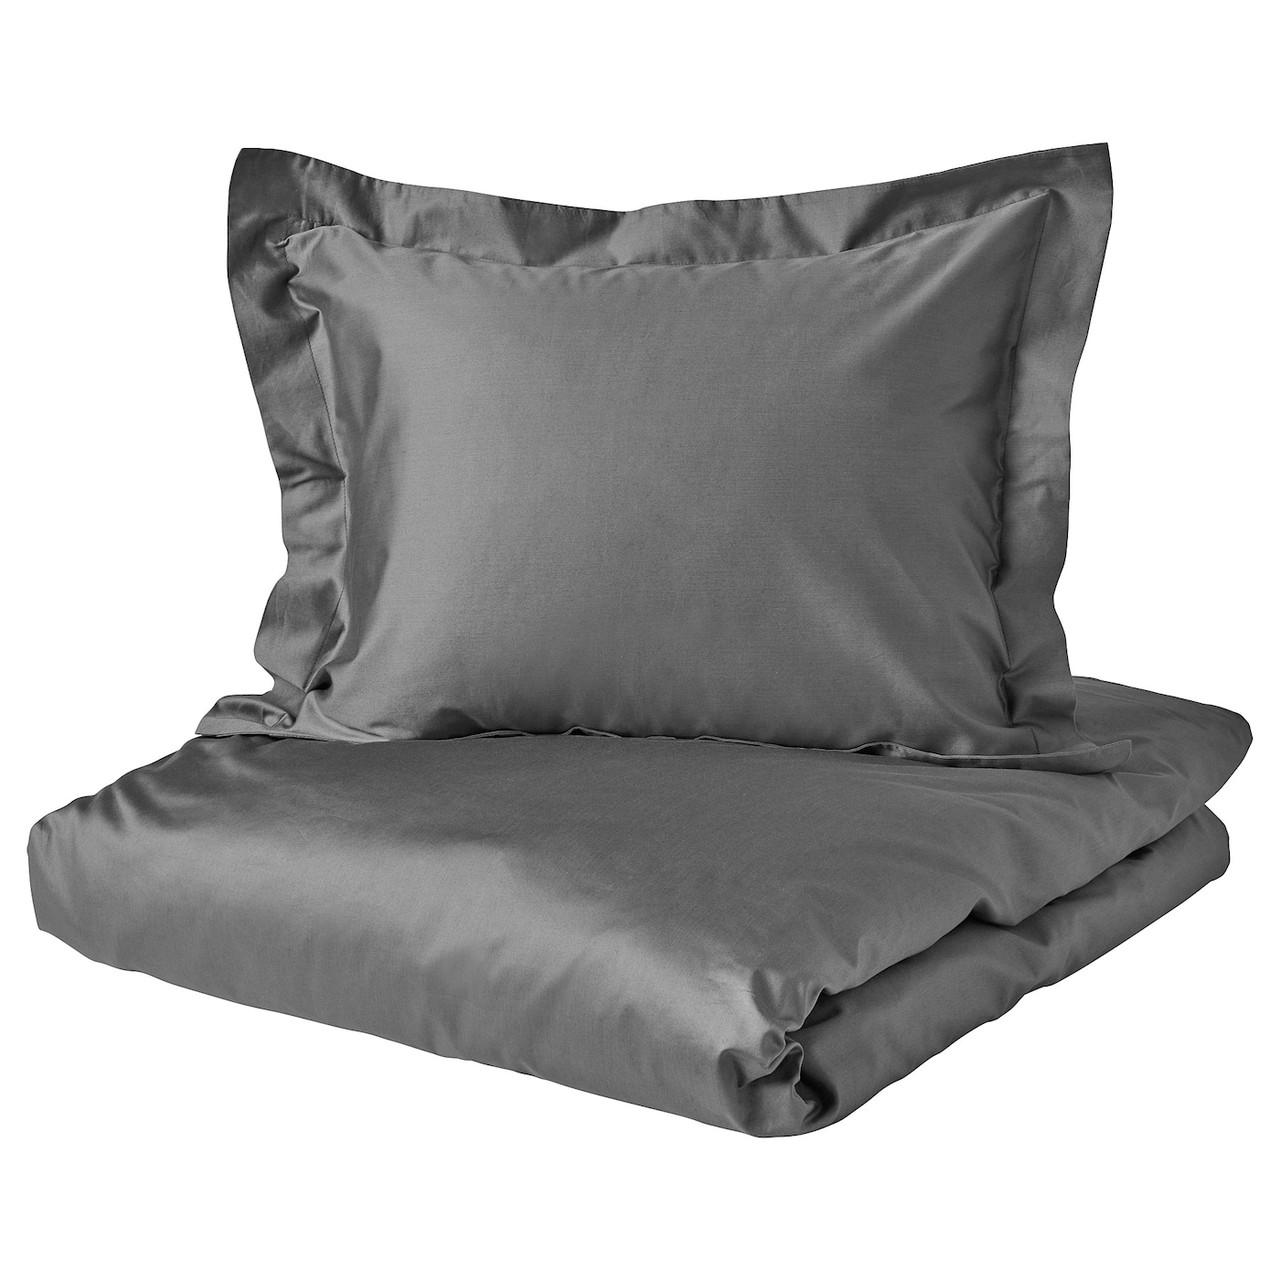 IKEA LUKTJASMIN  Комплект постельного белья, темно-серый (404.425.34)